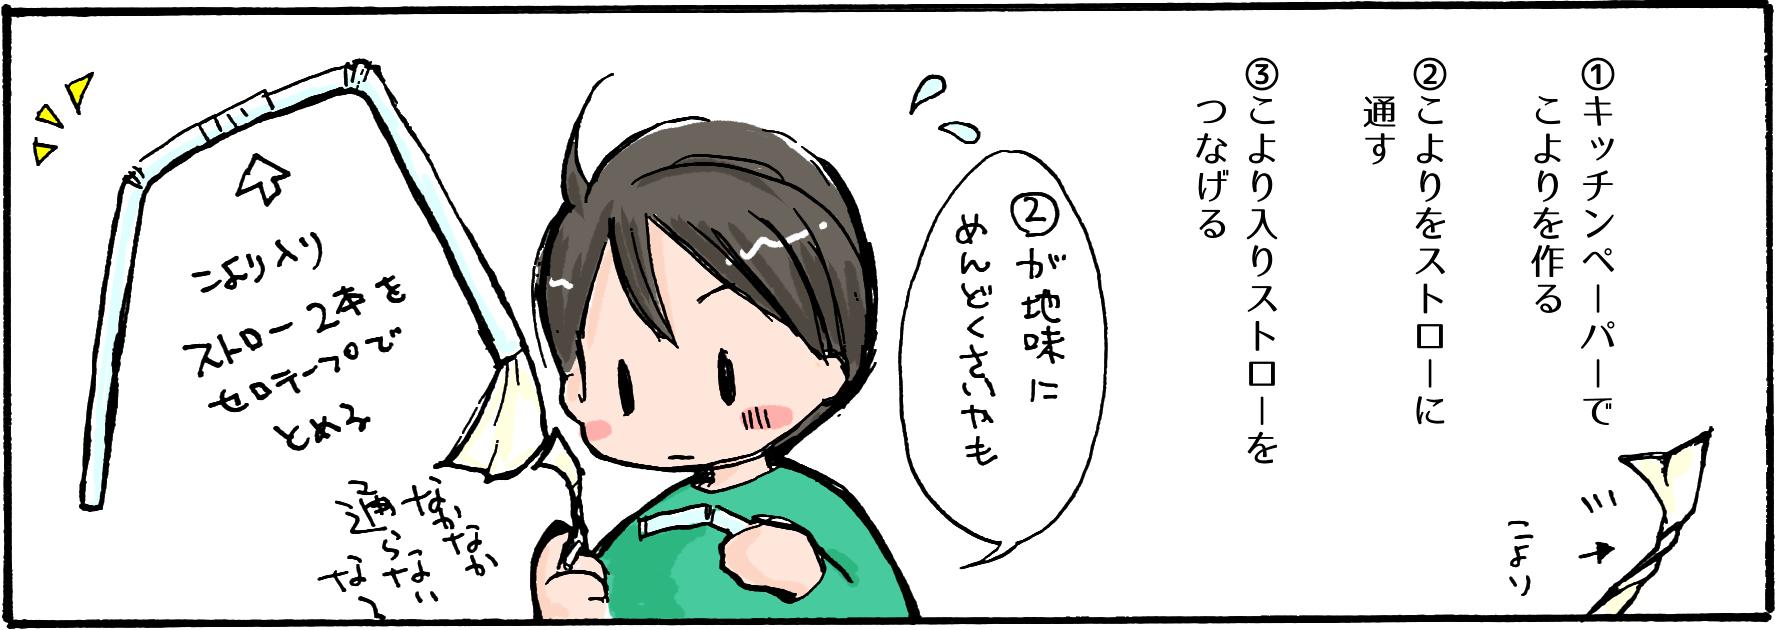 kyusuiki02